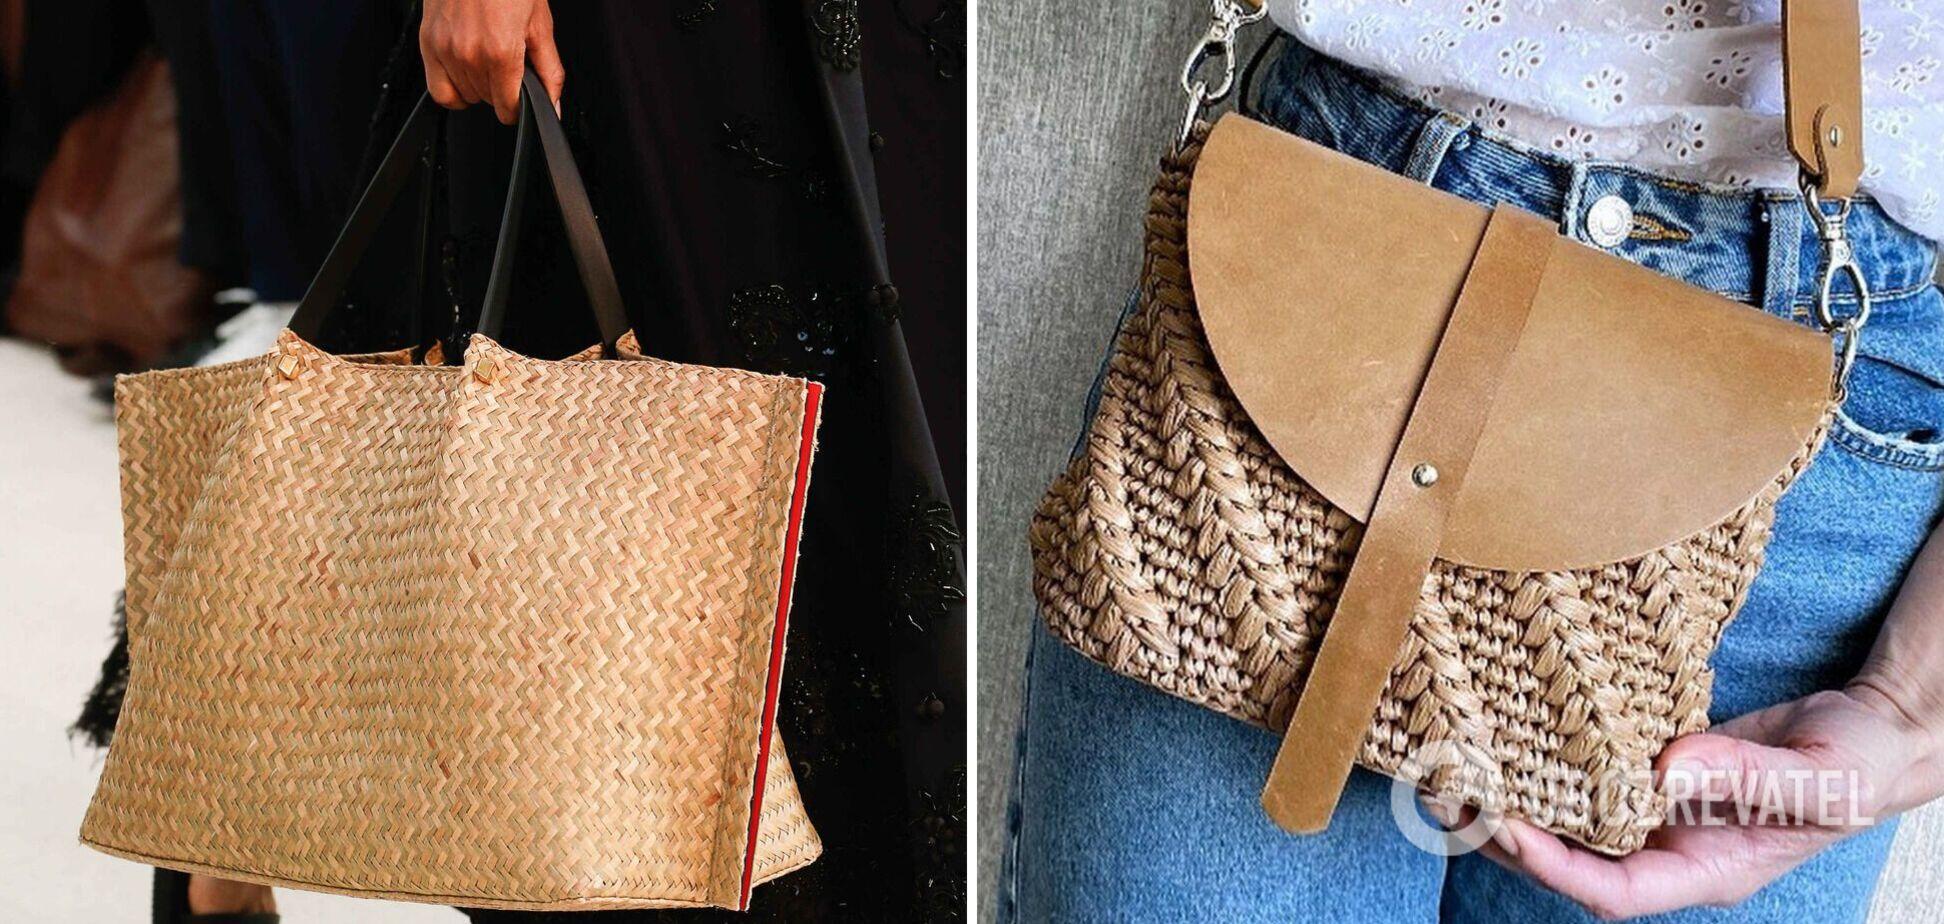 Плетеные сумки вошли в моду: как сделать аксессуар фишкой образа. Фото